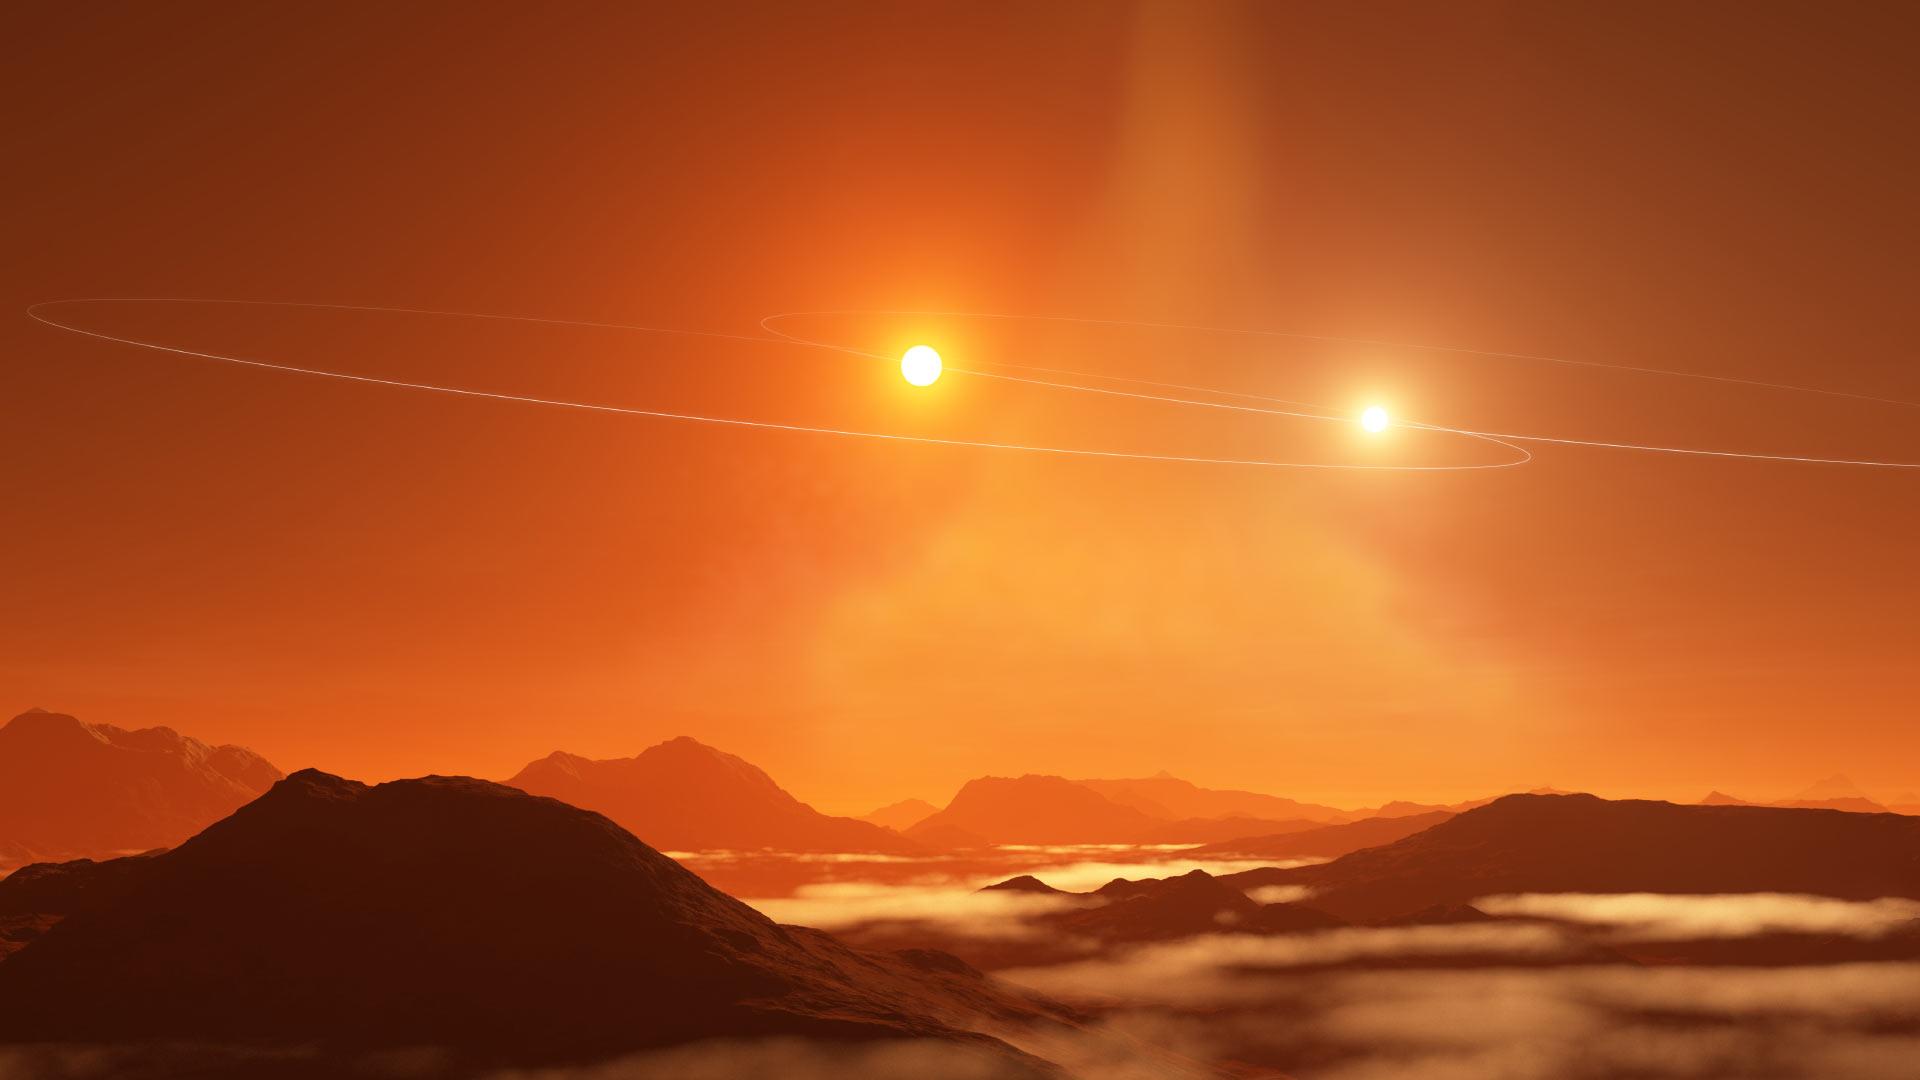 Tatooine exoplaneet in een baan rond een dubbelster